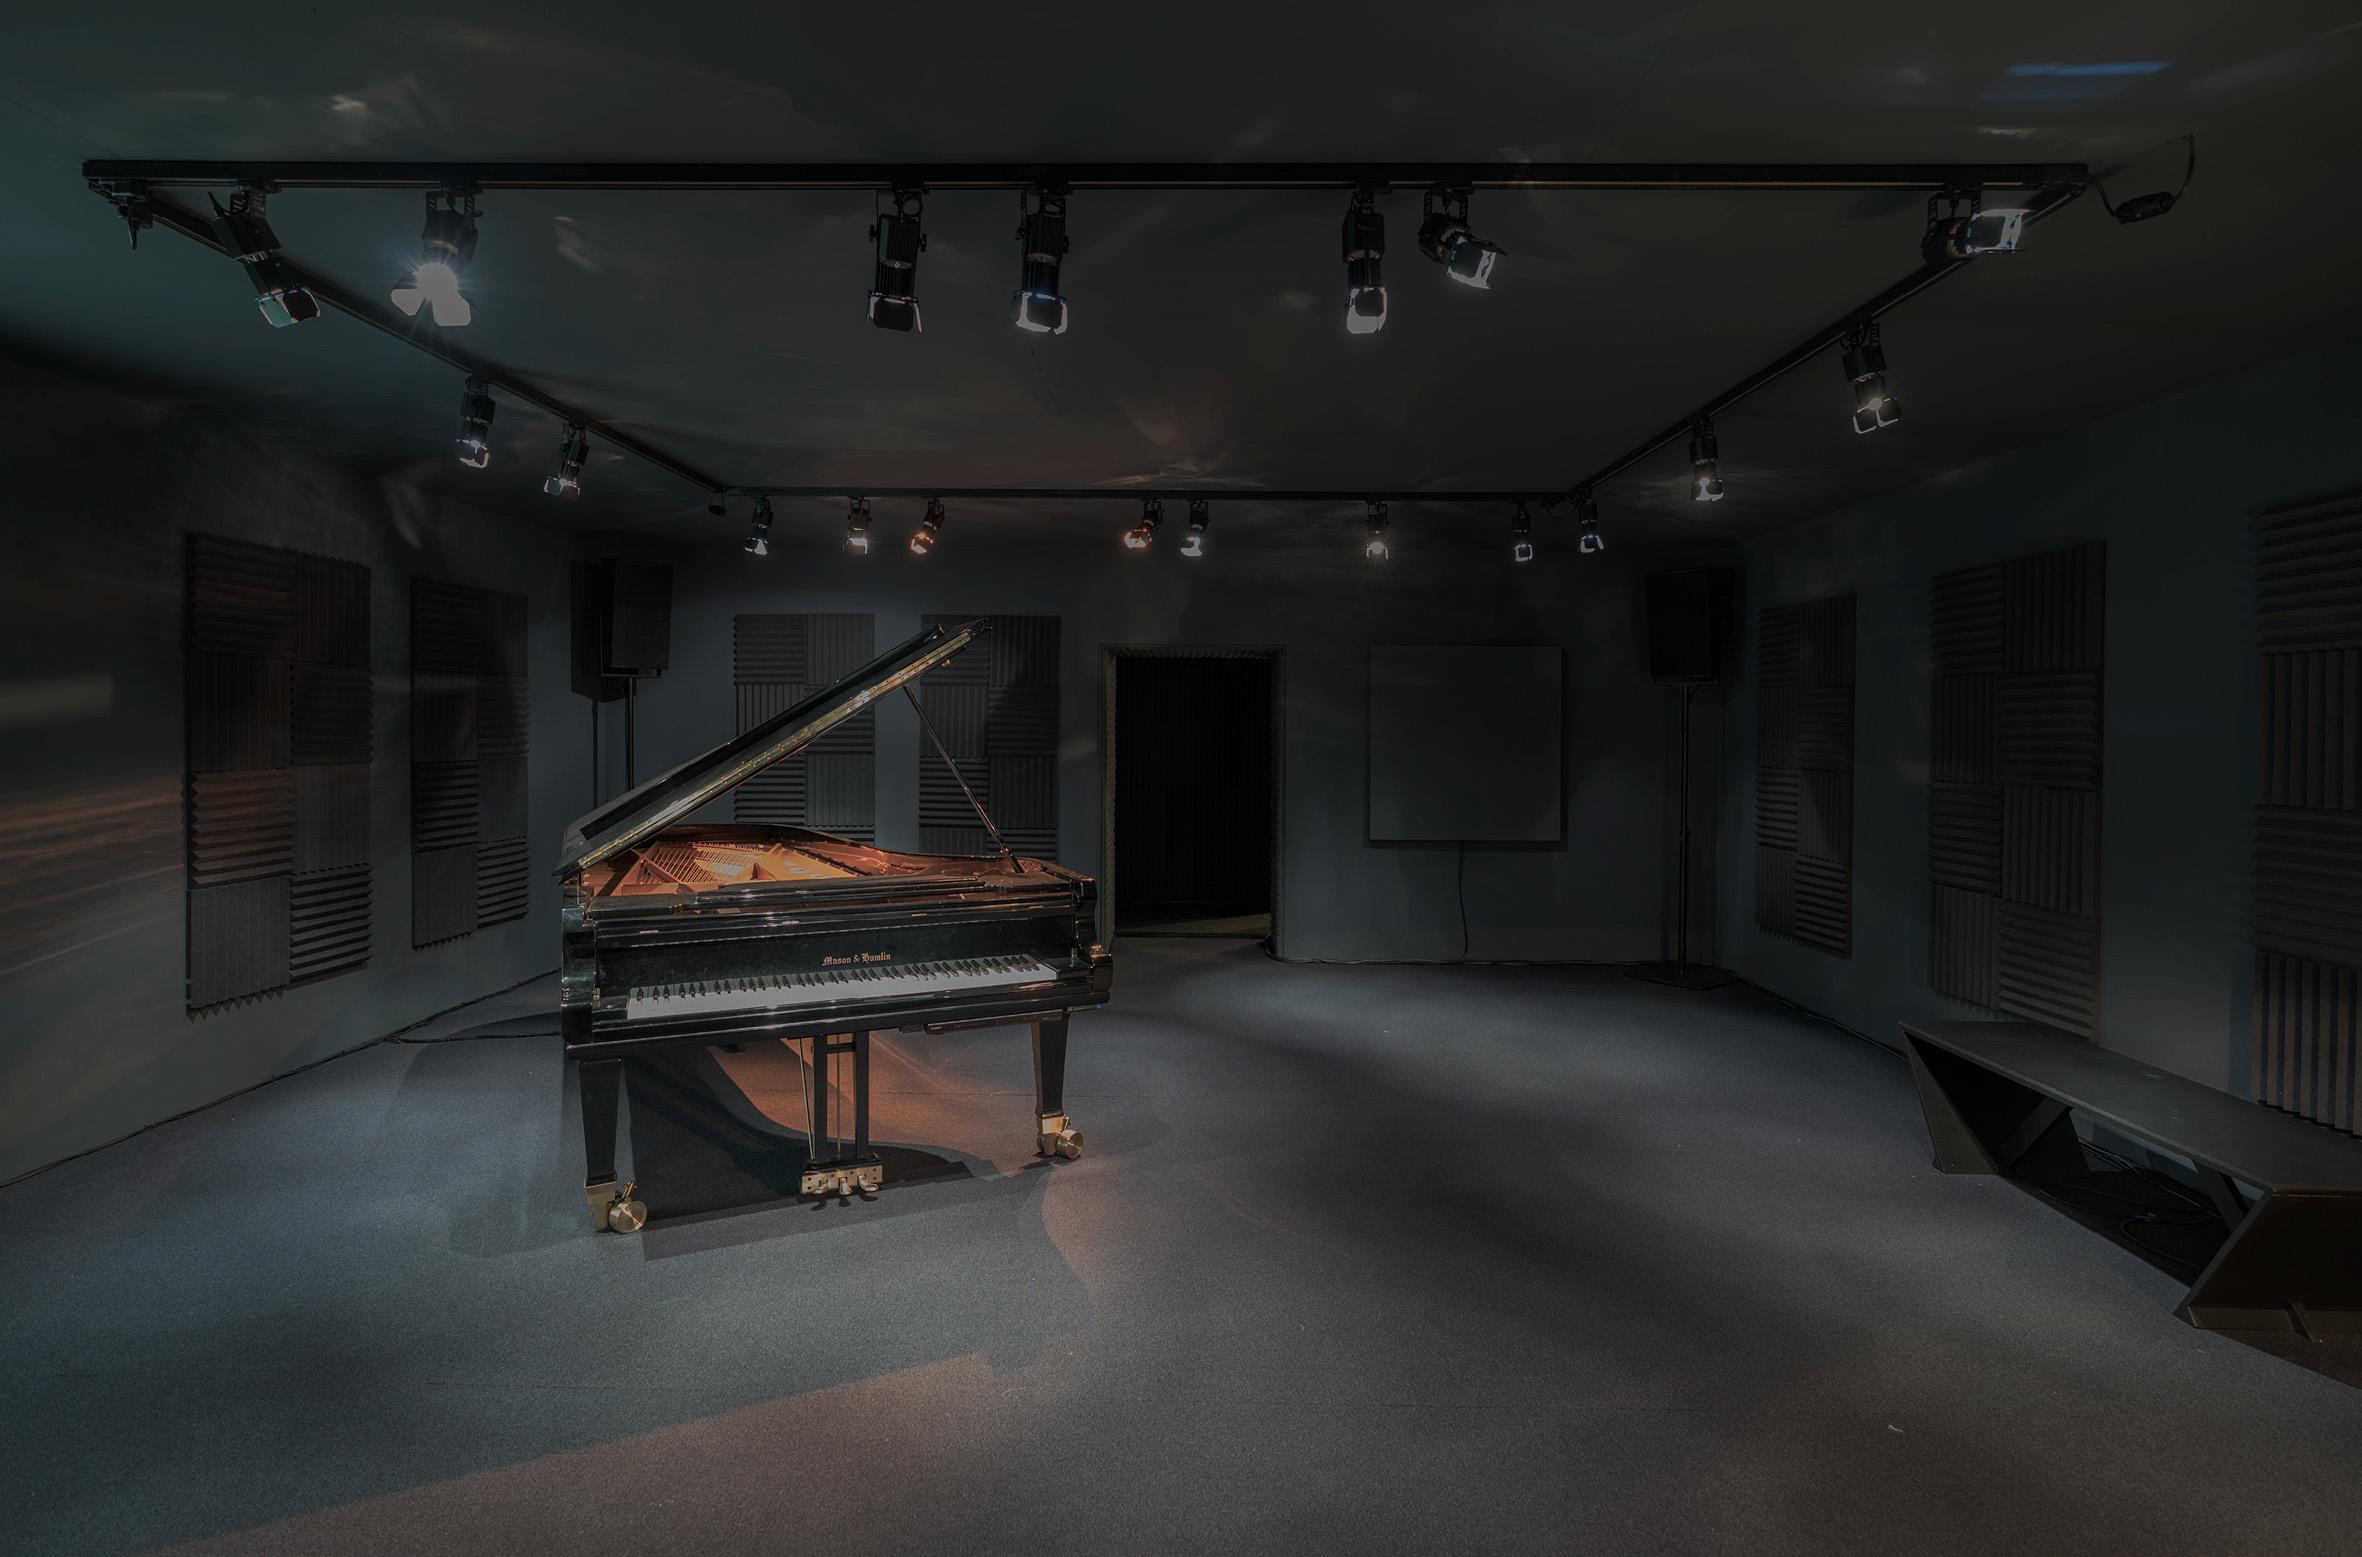 <p>Rana Hamadeh presenteert in een pikzwarte ruimte haar operaproject, en laat deze vergezeld gaan van indringende muzikale klanken.</p>